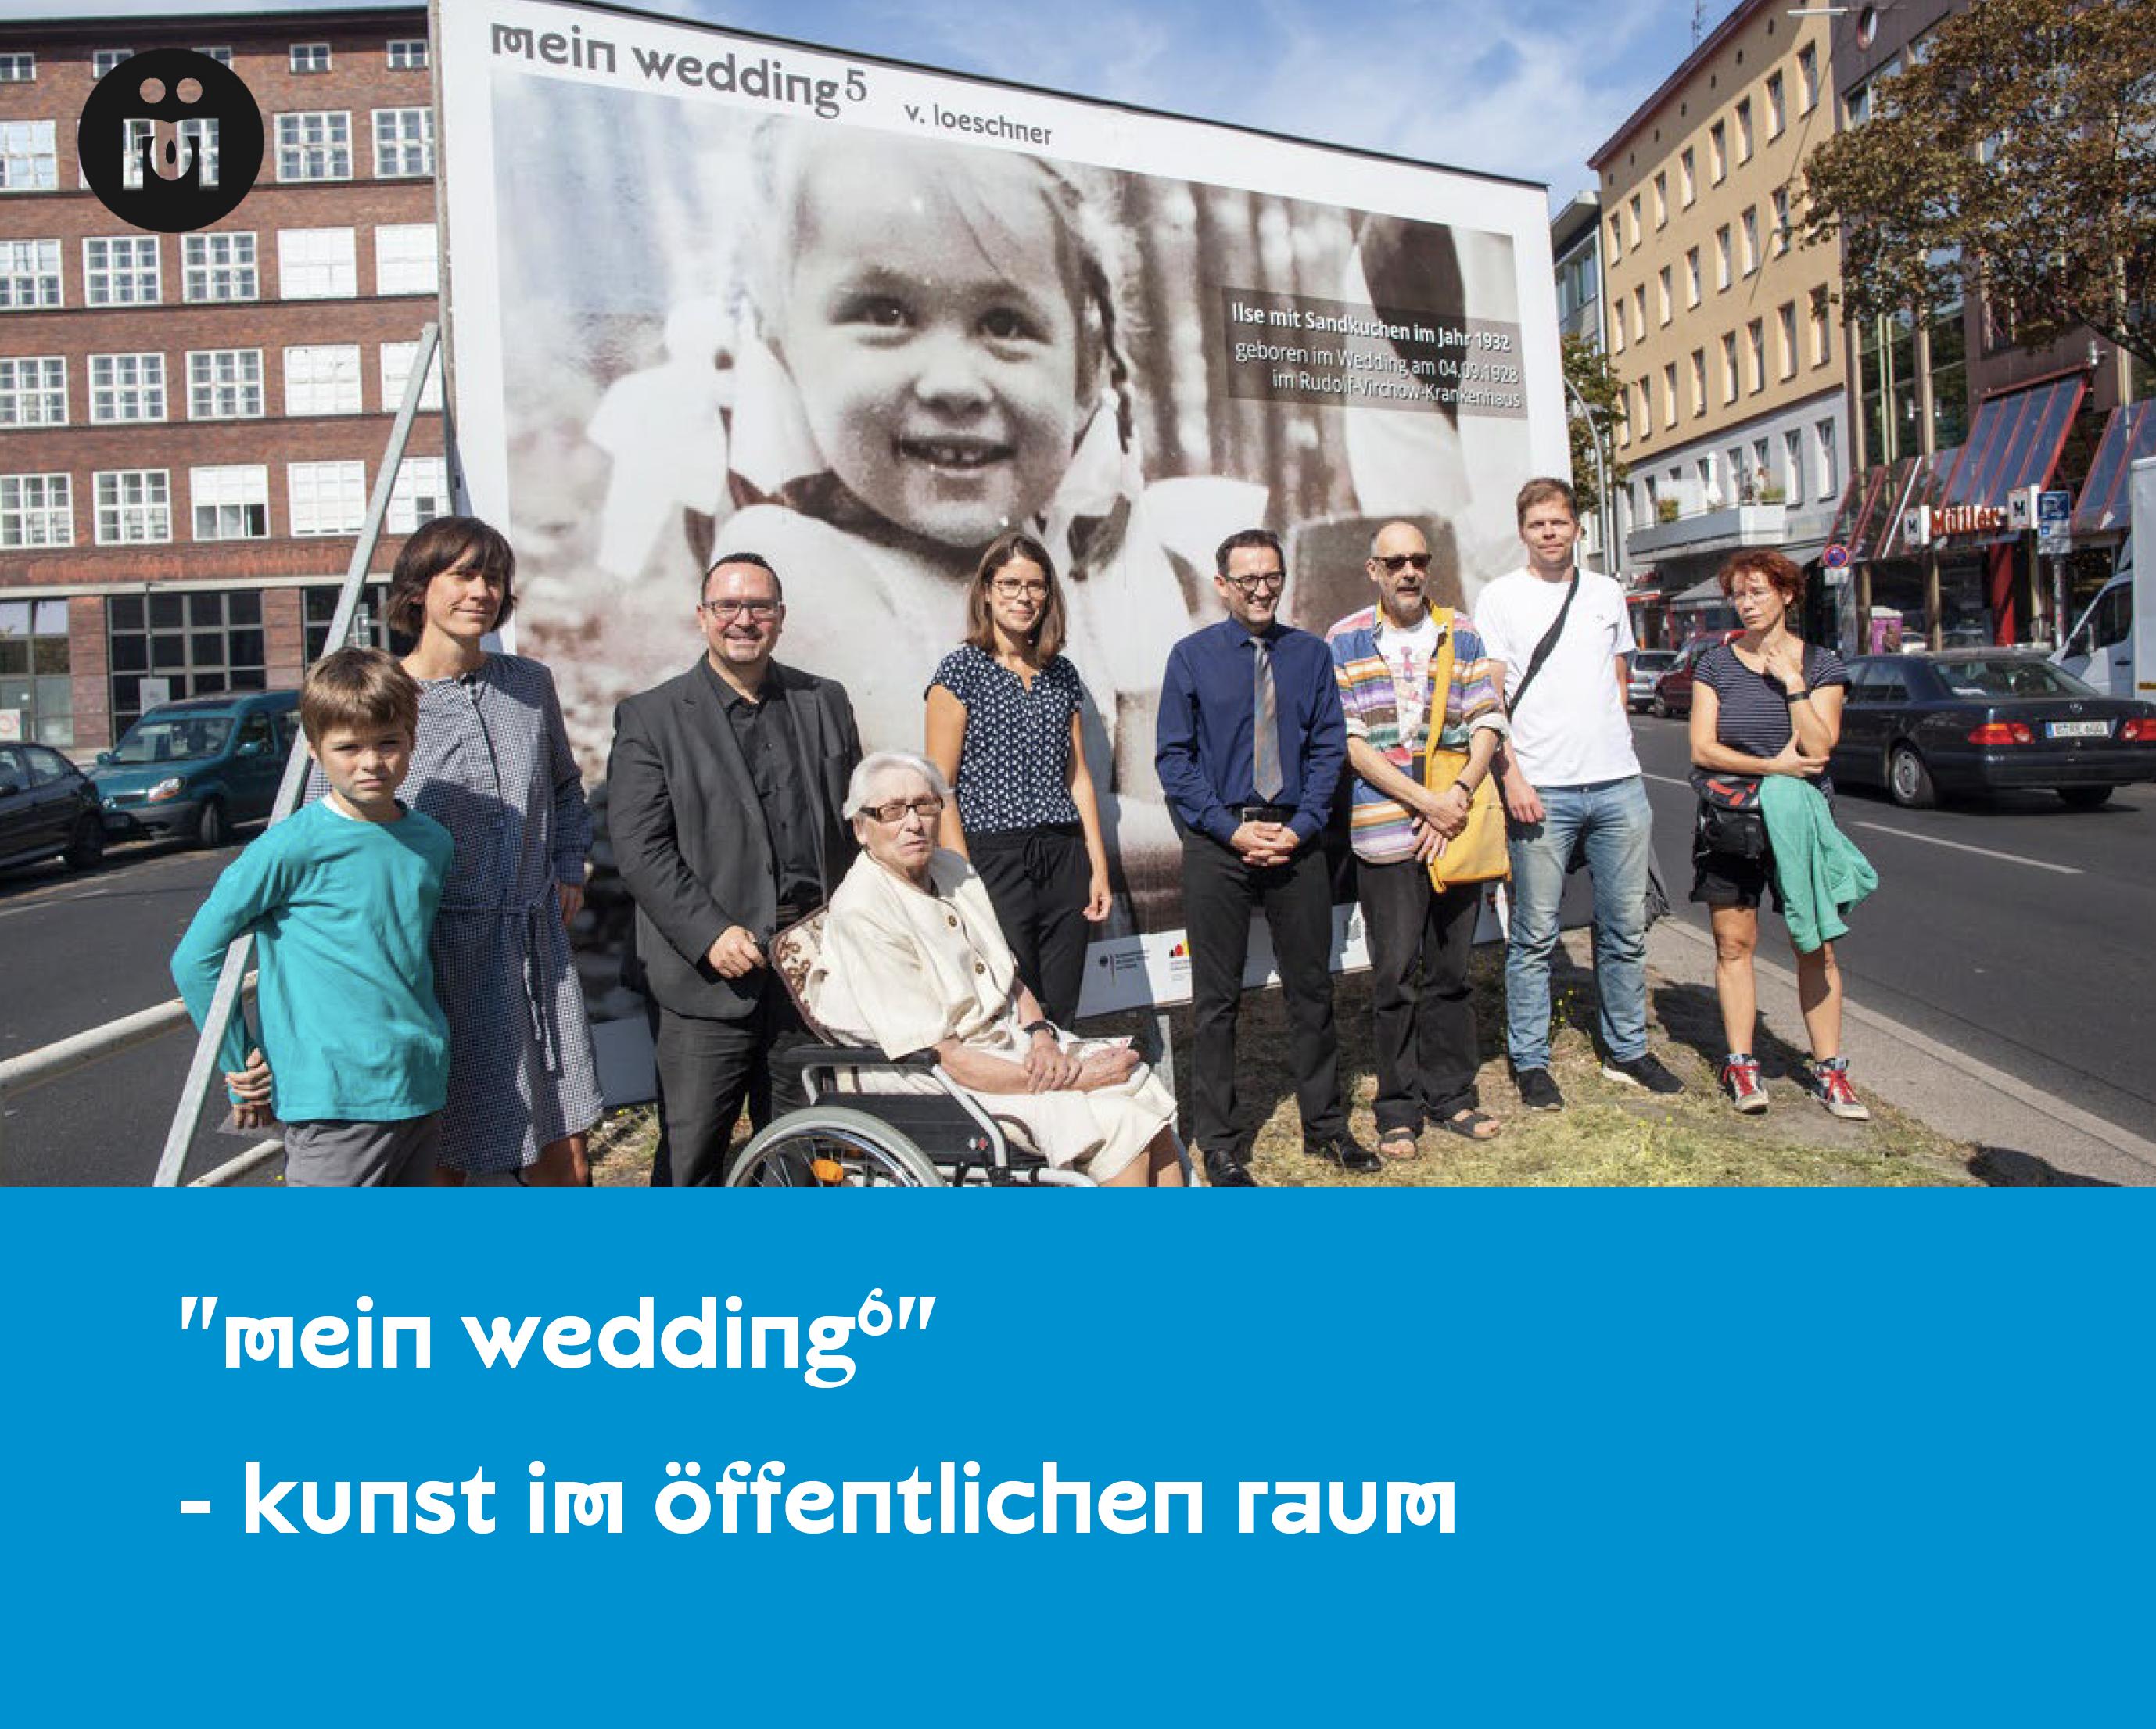 Mein Wedding 6 - Kunst im öffentlichen Raum